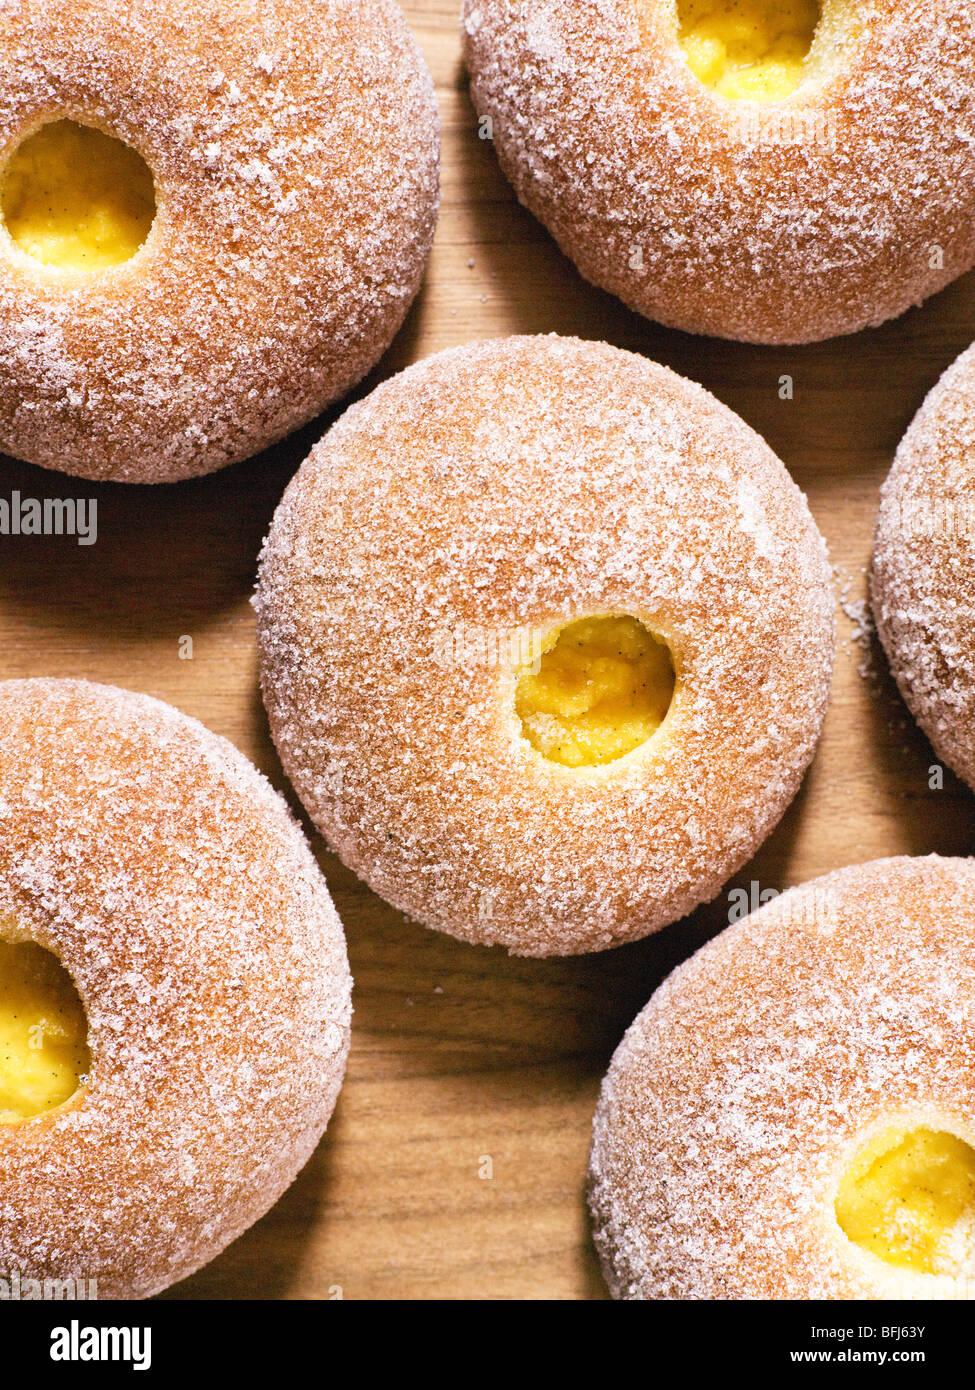 La pagnotta con crema alla vaniglia il riempimento, Svezia. Immagini Stock